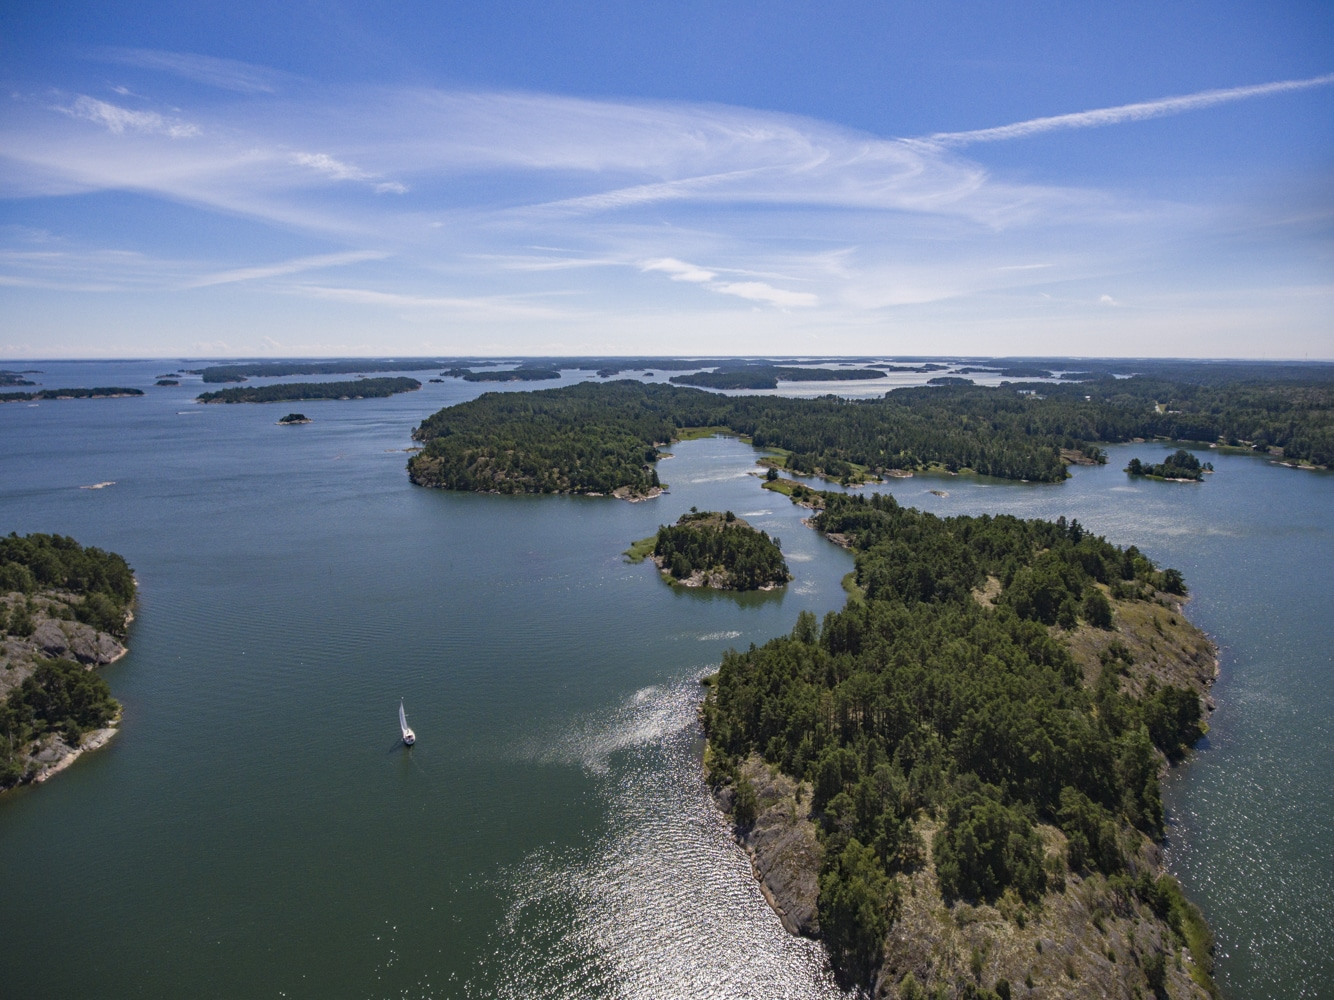 Parc National de l'Archipel Finlandais